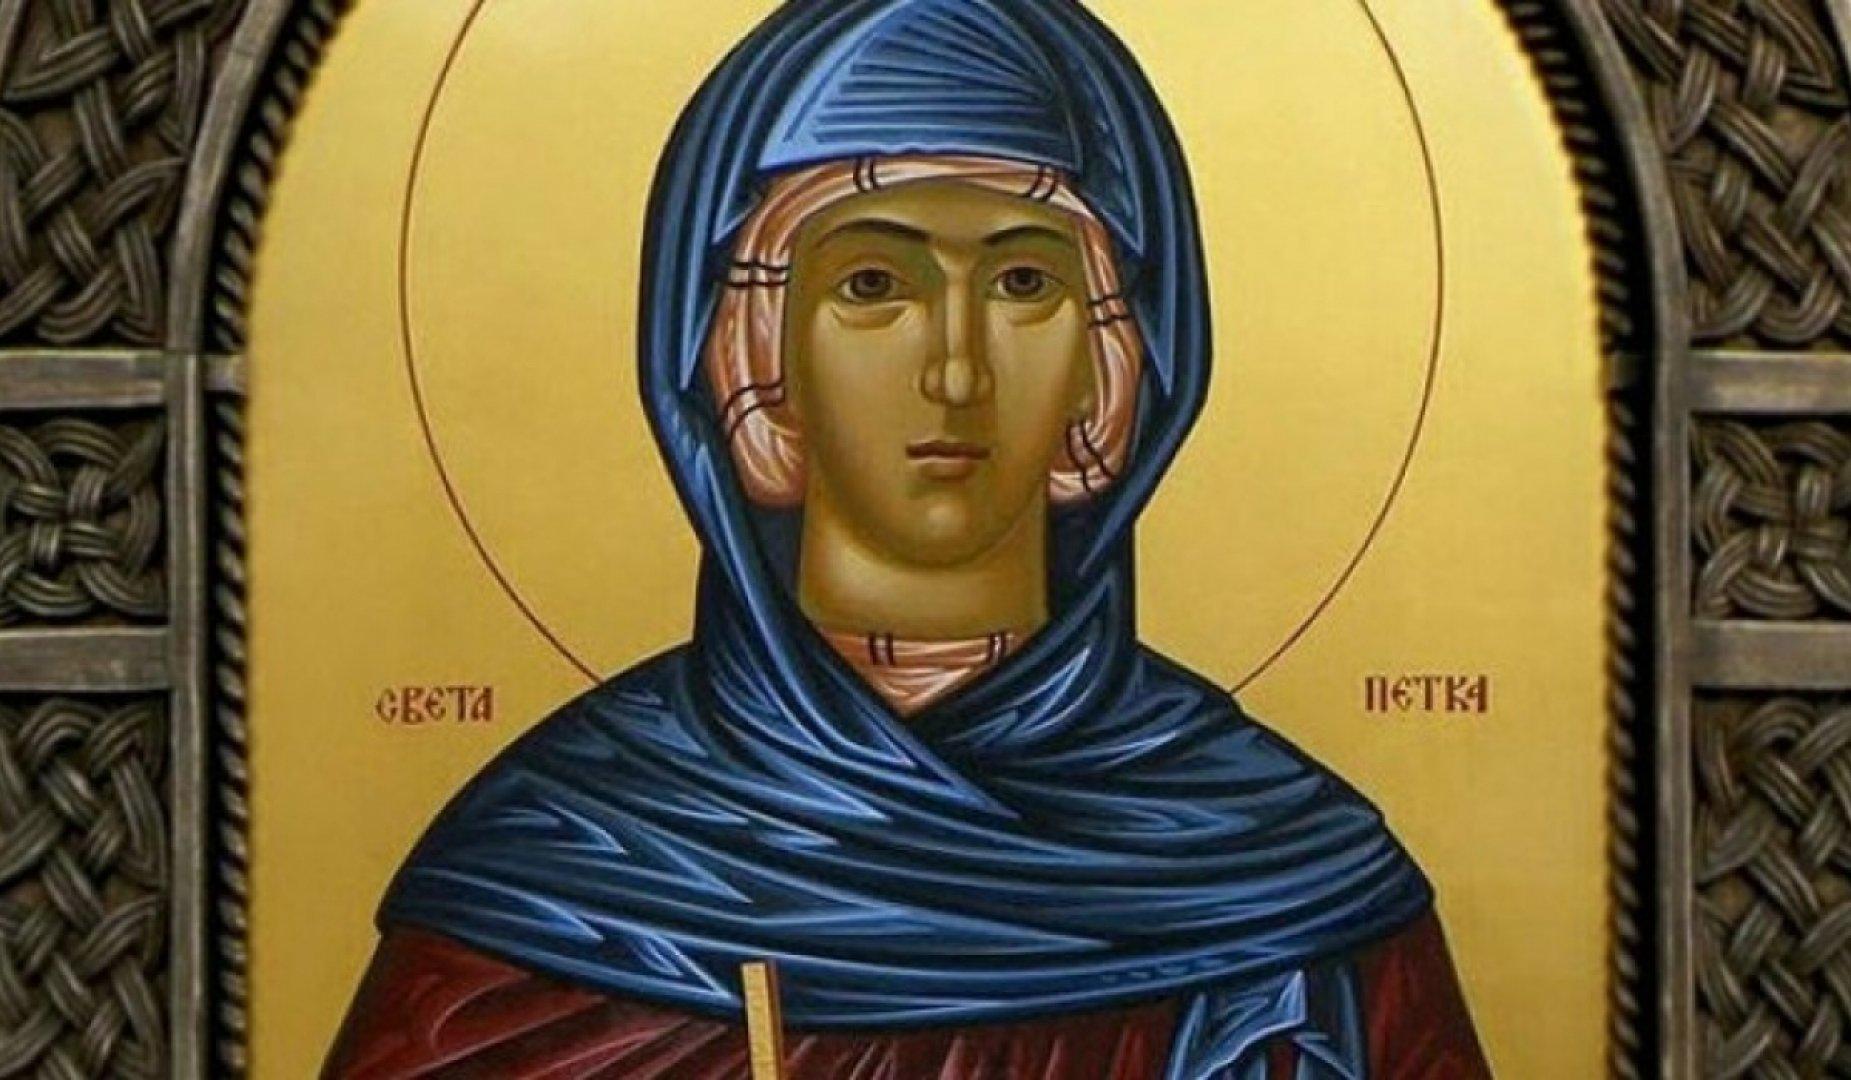 Преподобна Петка, наречена още Българска, живее в края на Х и началото на ХІ век